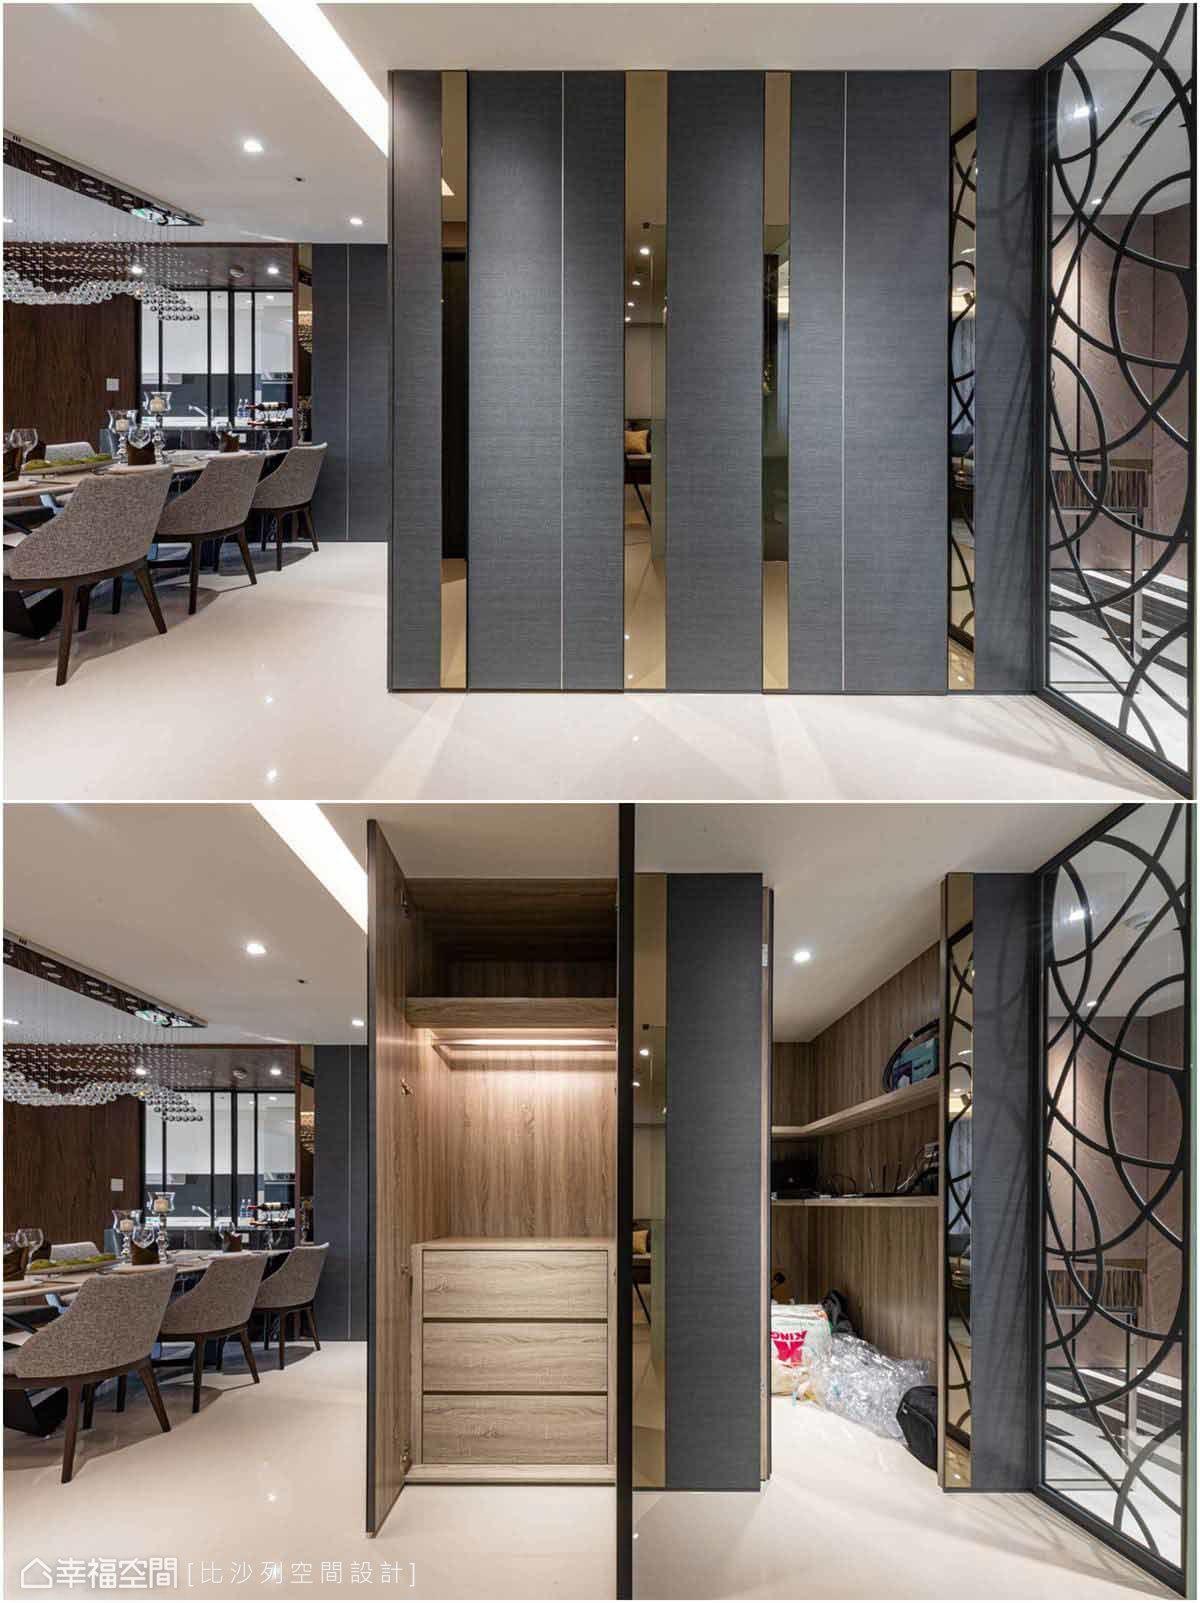 儲藏室及收納空間完美融於牆面中,使牆面維持整體感,不會顯得零碎紛亂。